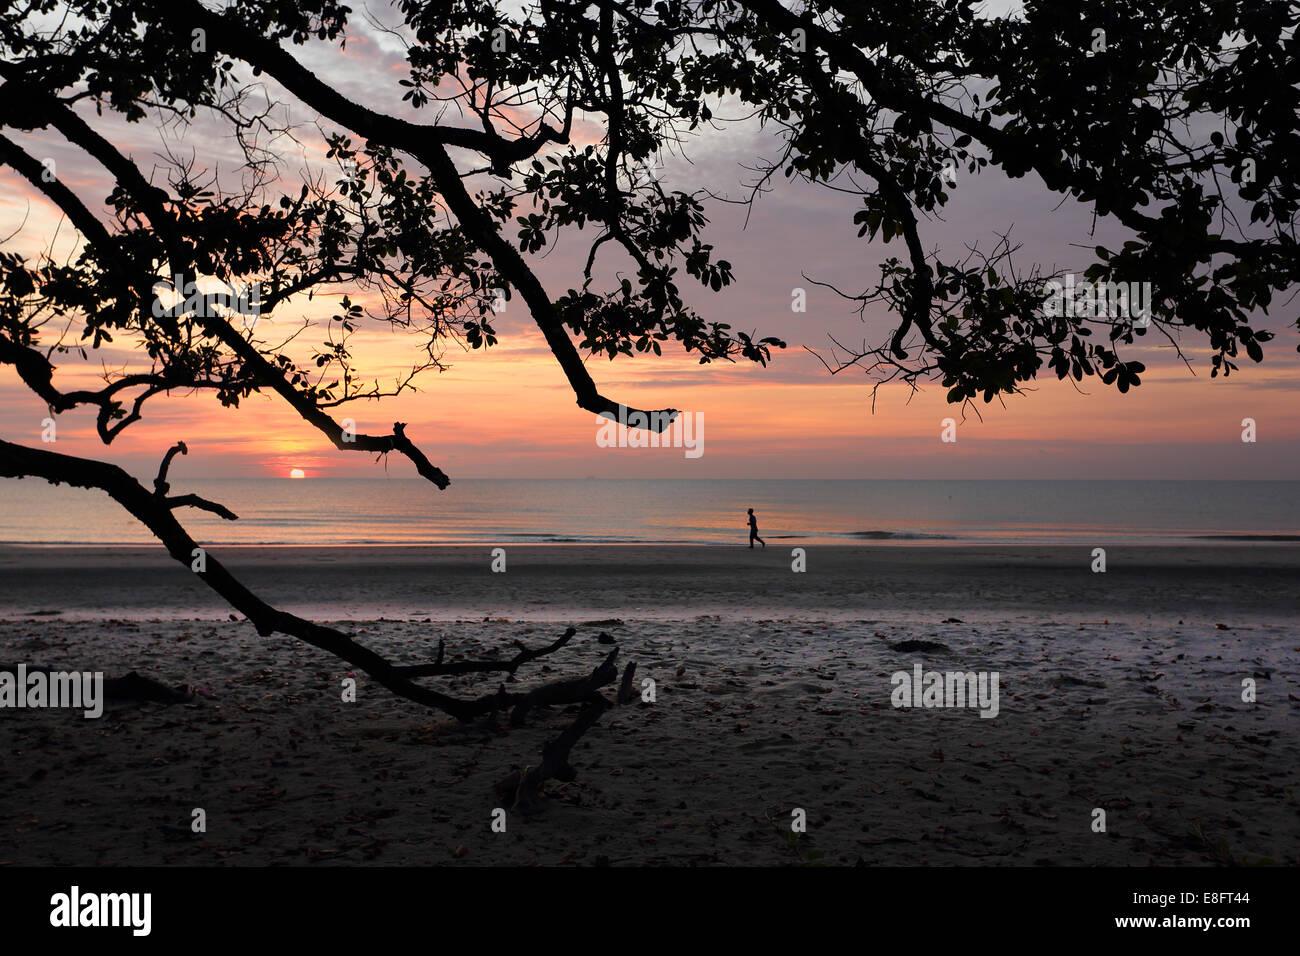 Eine Silhouette Mann läuft am Strand während der Dämmerung Stockbild